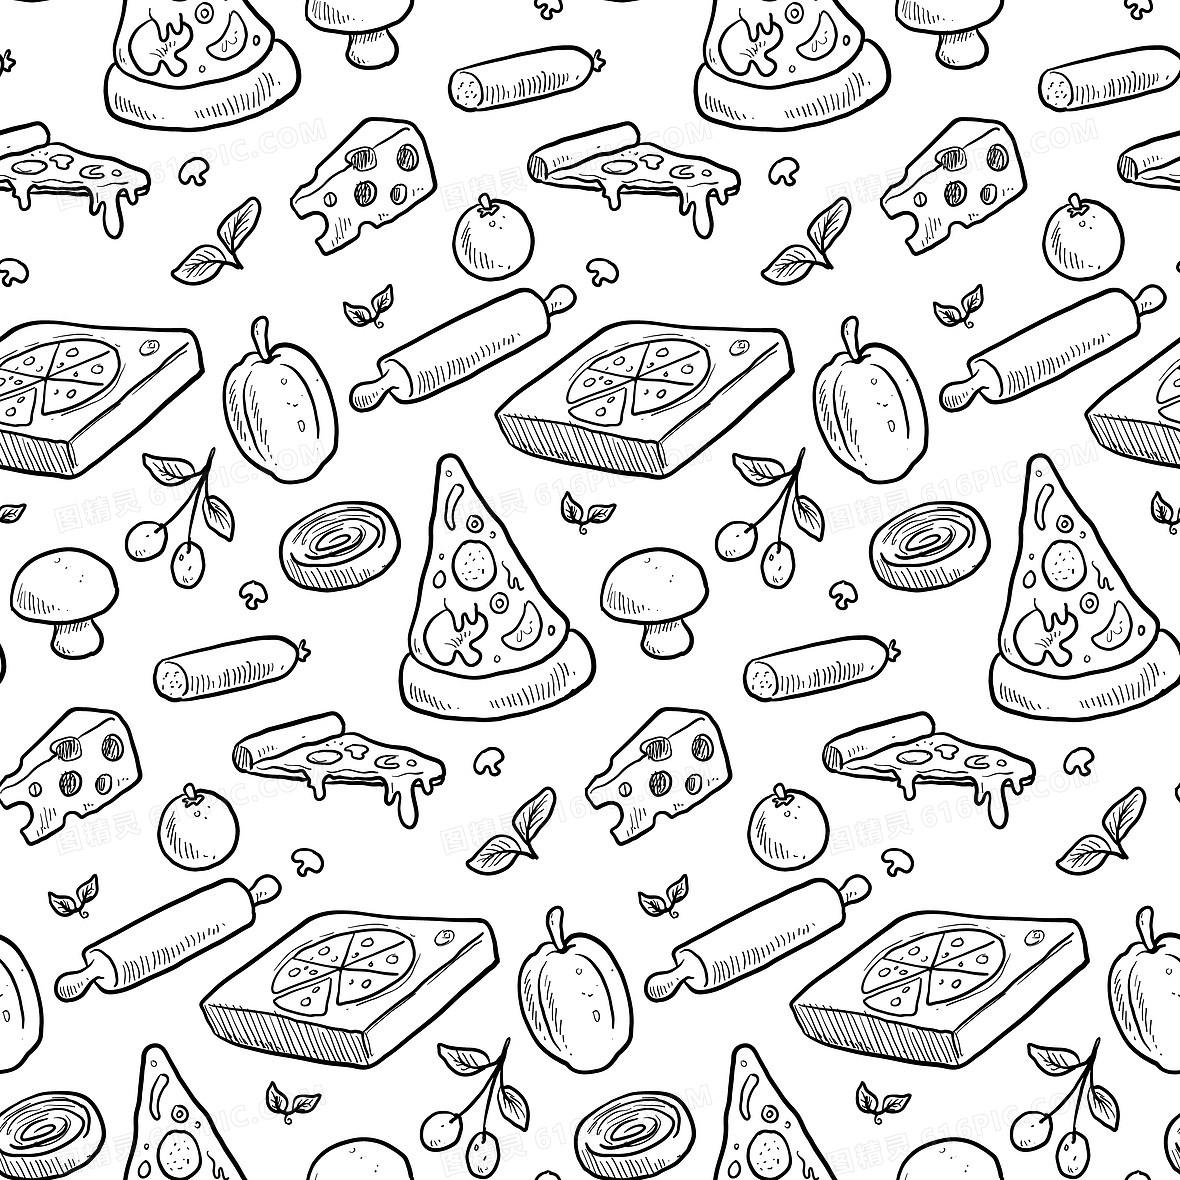 手绘披萨菜单背景模板